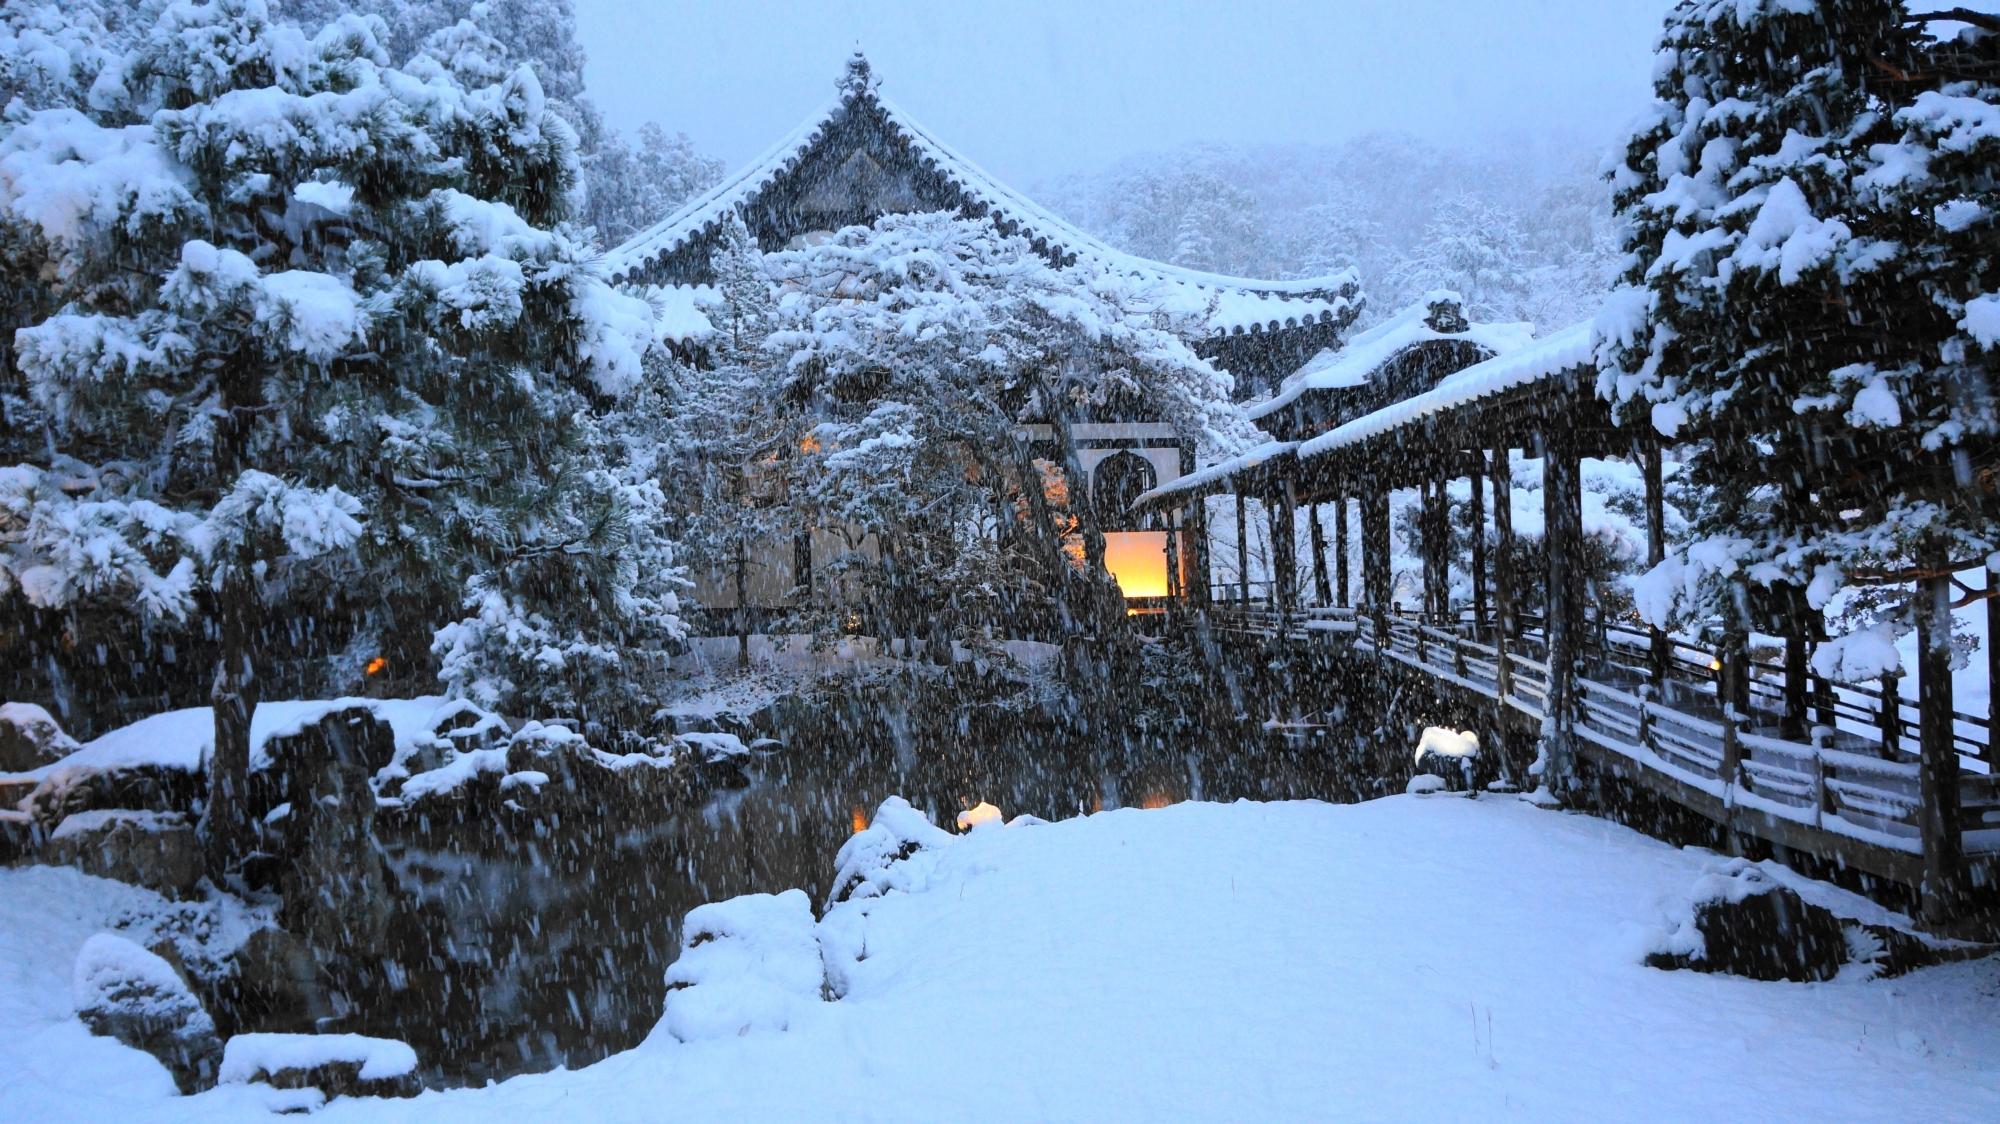 伽藍が真っ白にそまる雪の高台寺の